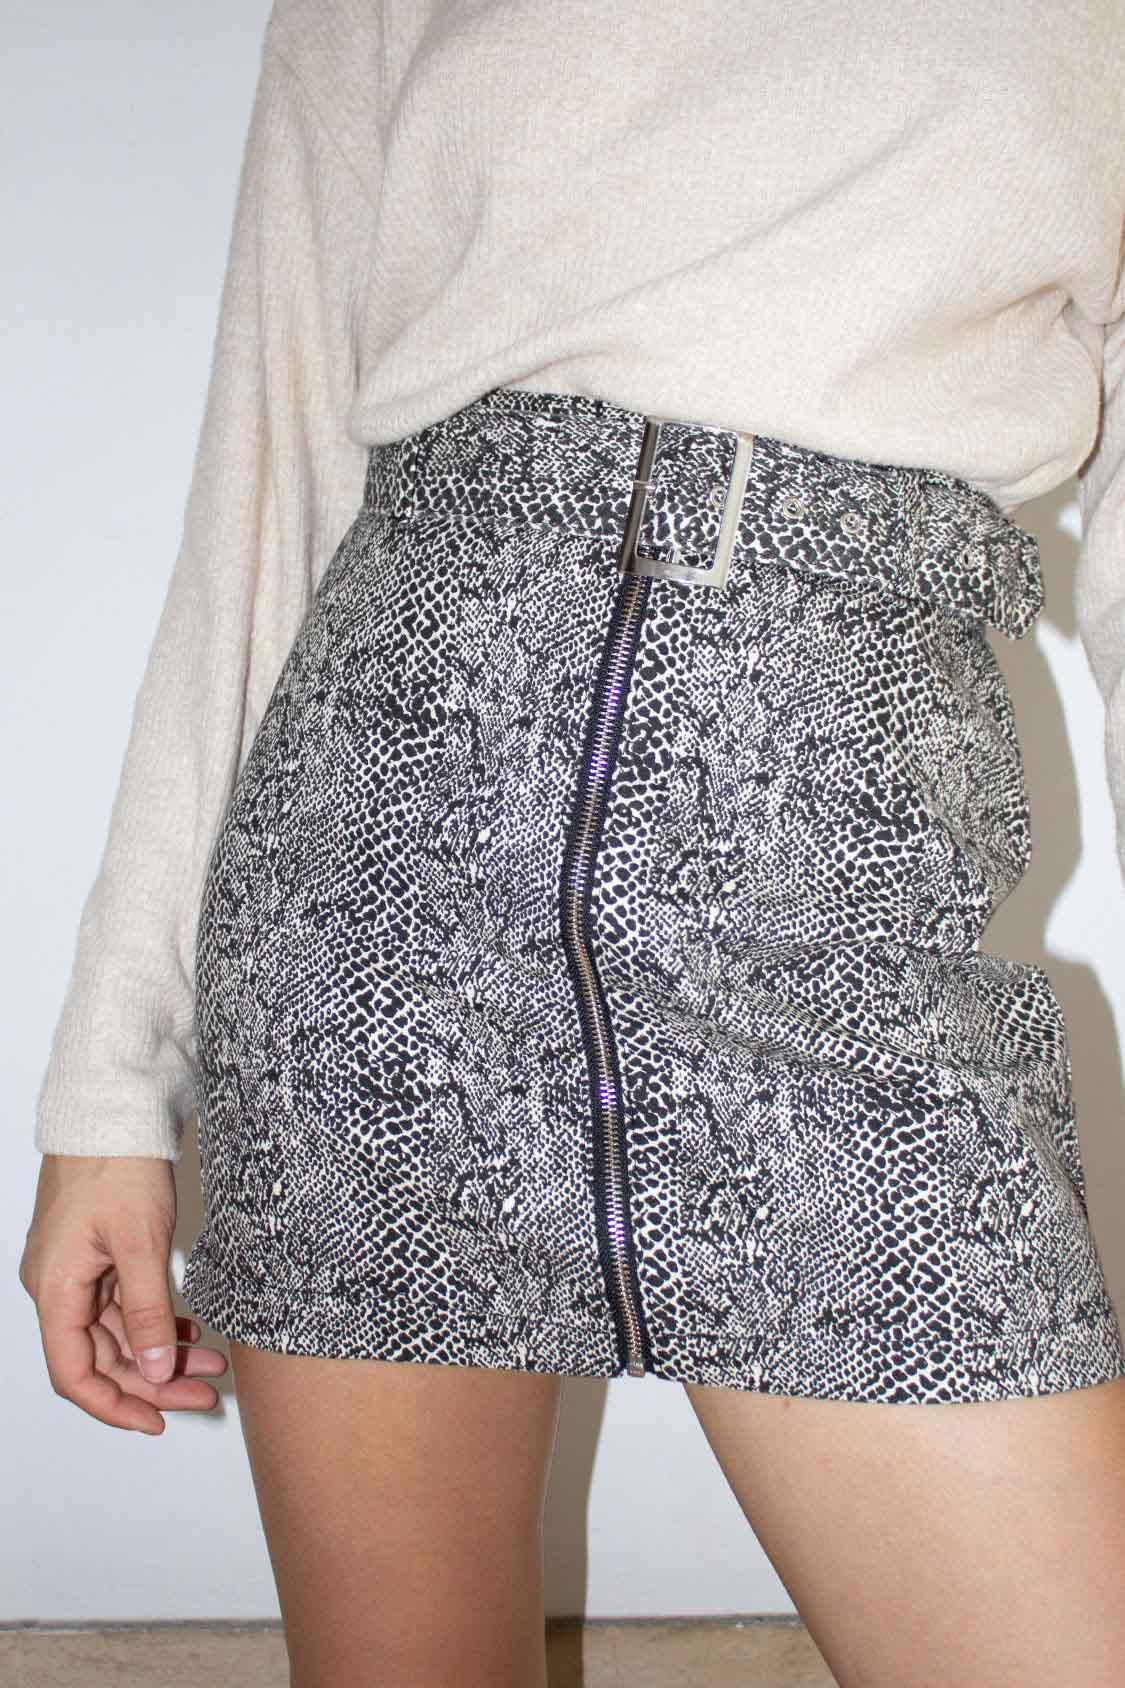 Belted full-zip skirt